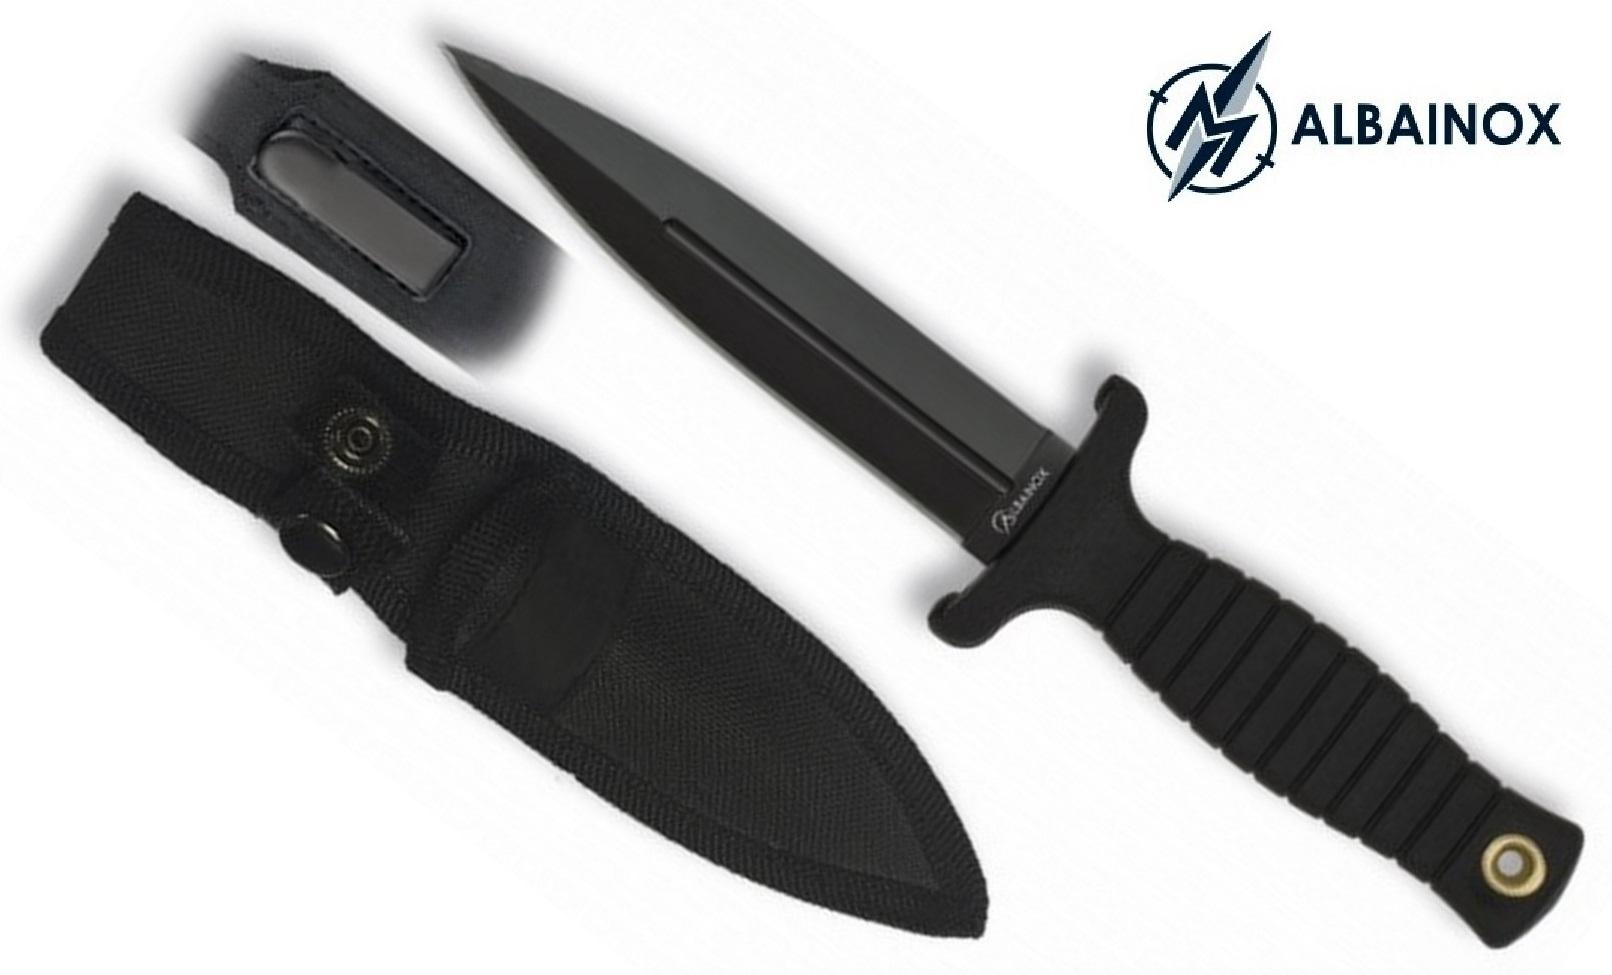 Dague couteau de botte 17,5cm compact - ALBAINOX